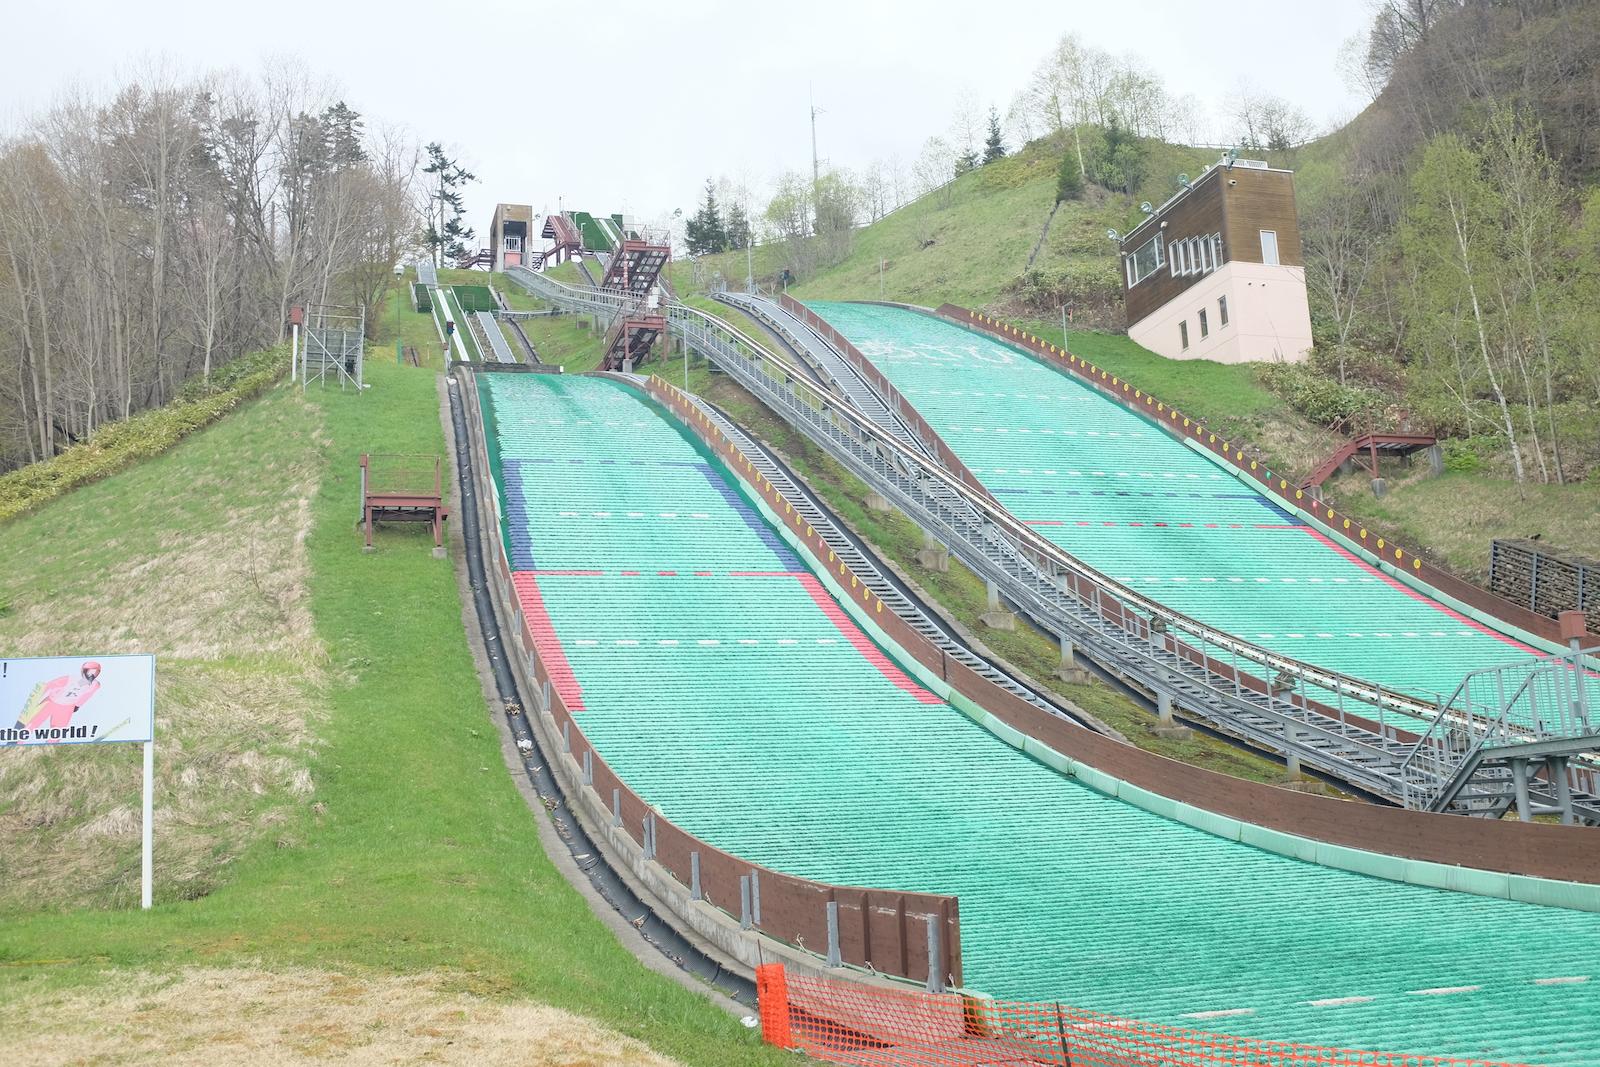 ジャンプの街と呼ばれる朝日町。各地のスキーチームが合宿に訪れる。